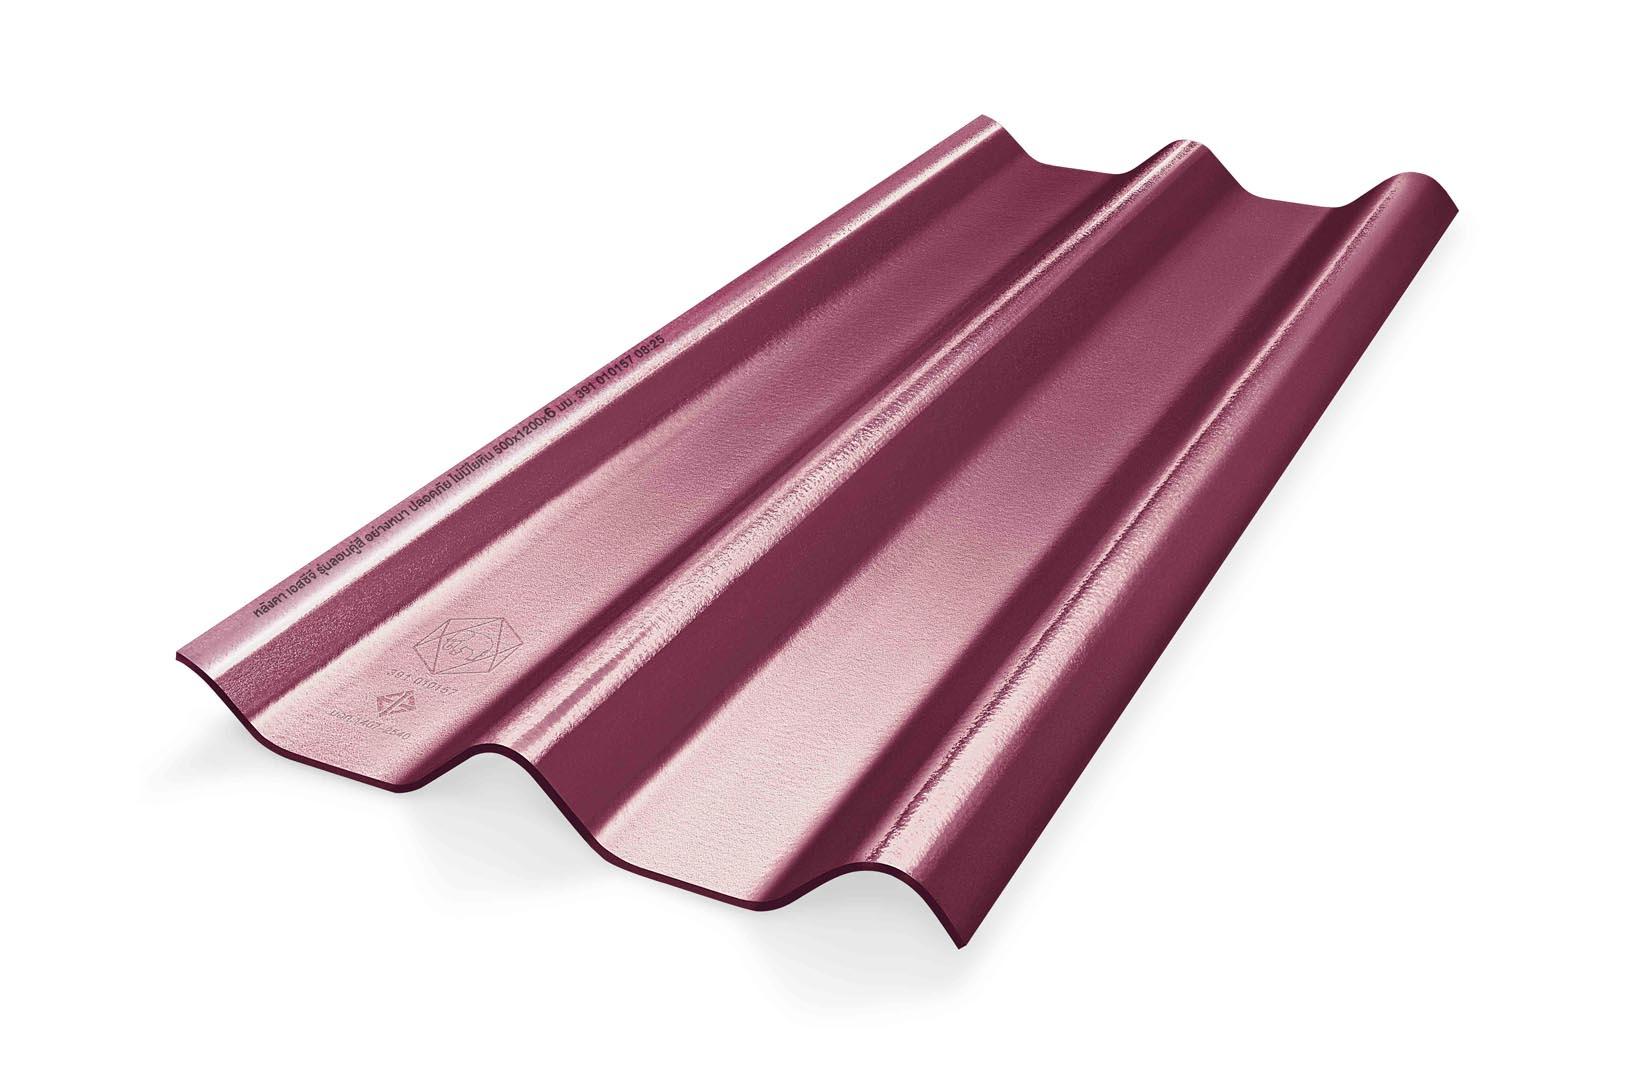 หลังคาไฟเบอร์ซีเมนต์ เอสซีจี รุ่น ลอนคู่ไฮบริด 50x150x0.55 สีม่วงประกายมุก 1